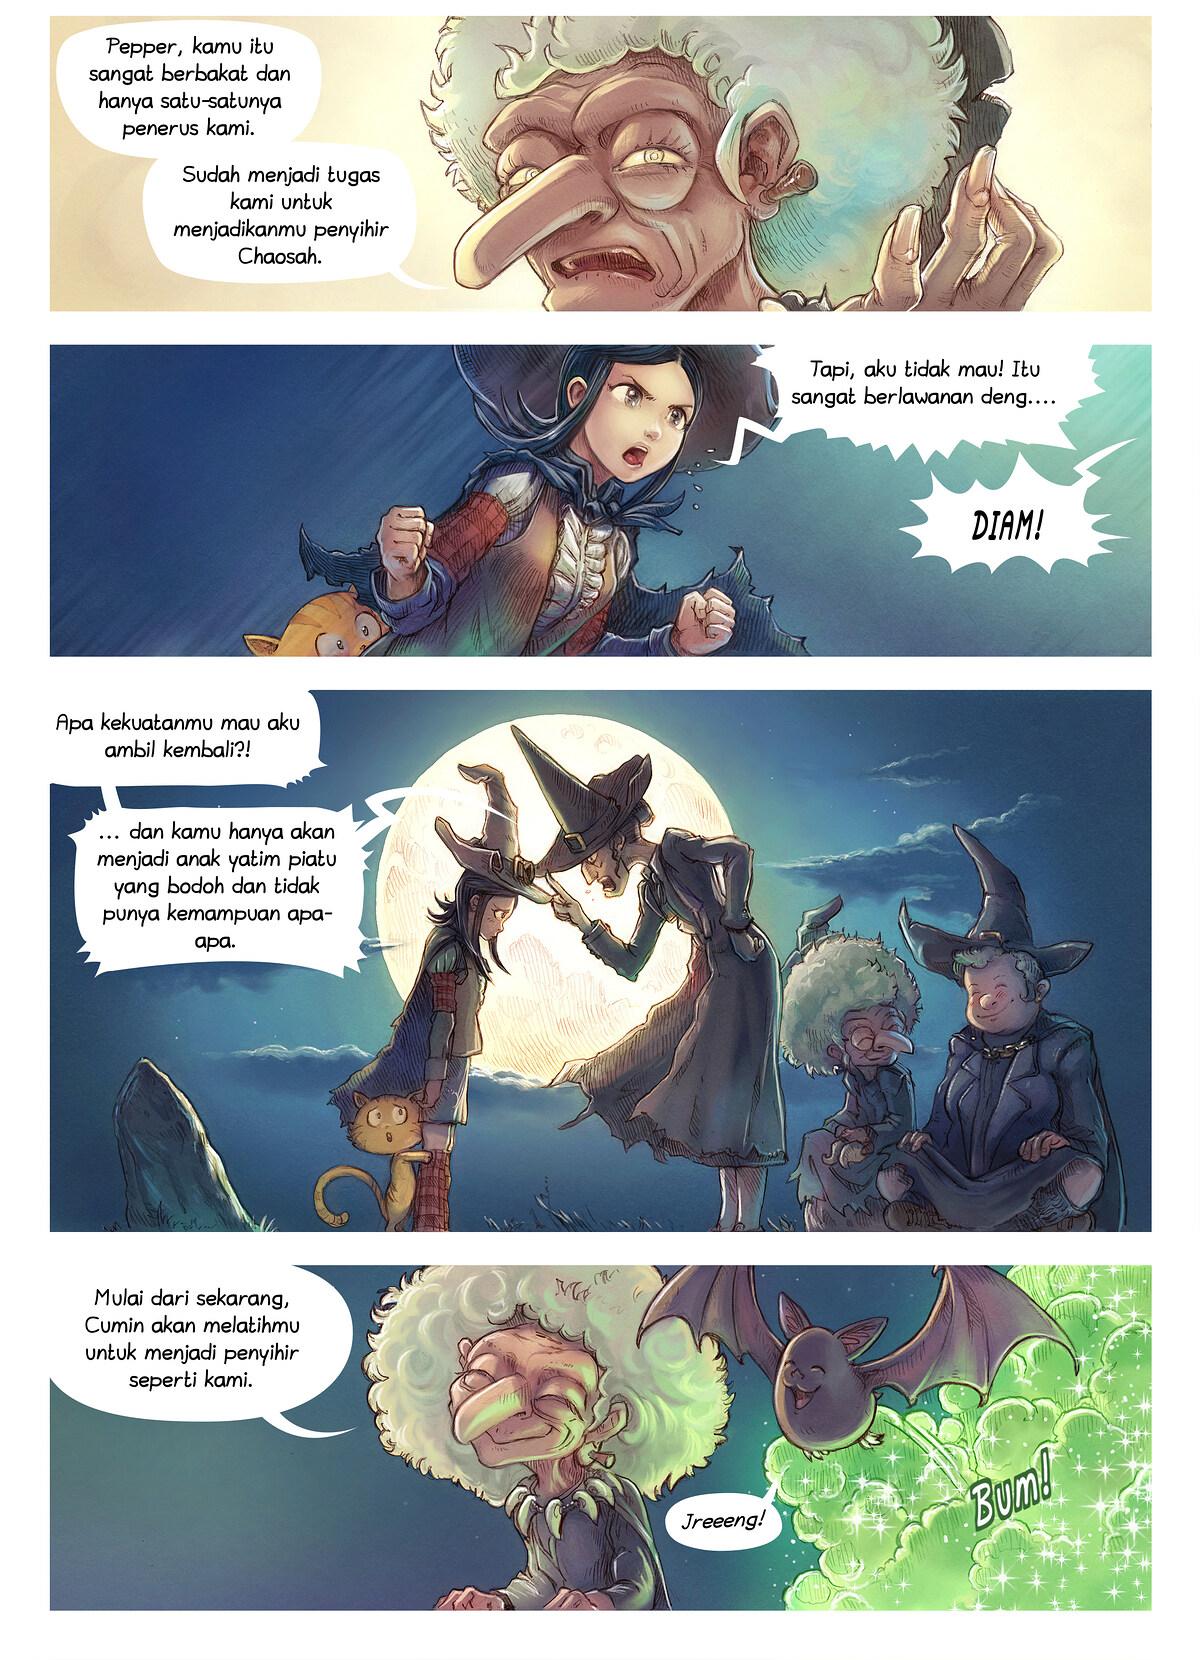 Episode 11: Penyihir Chaosah, Page 2